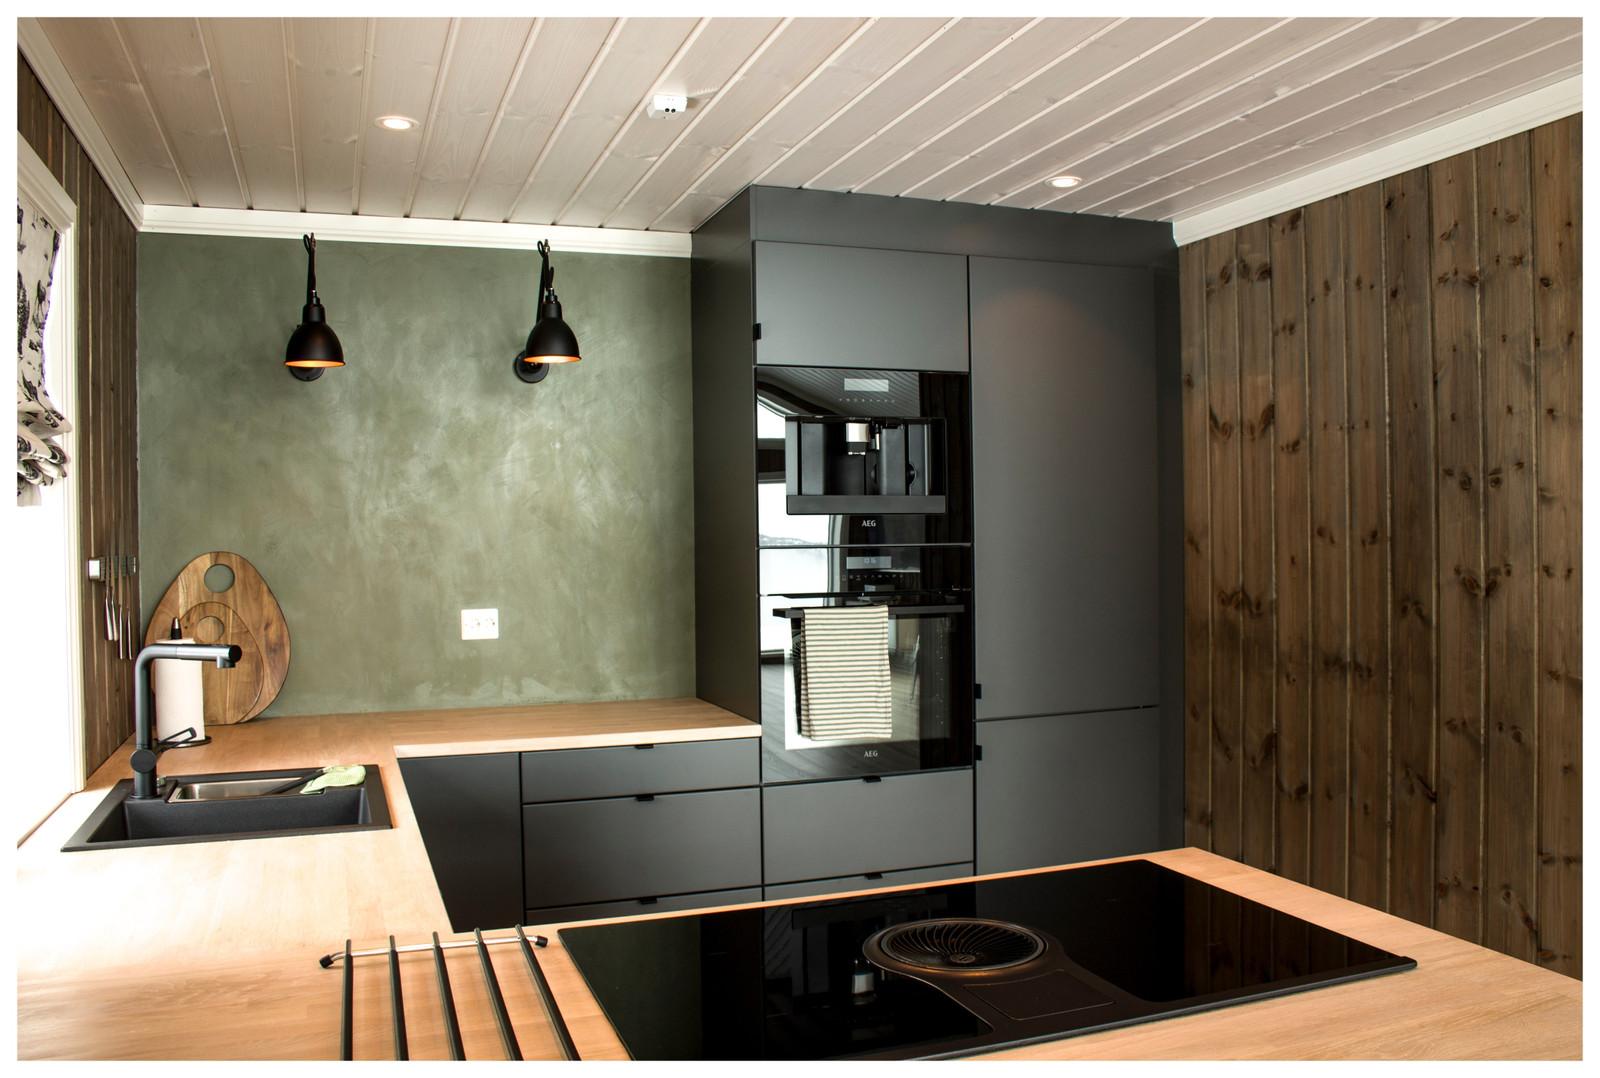 Kunde tilpassett Kjøkken og farger.